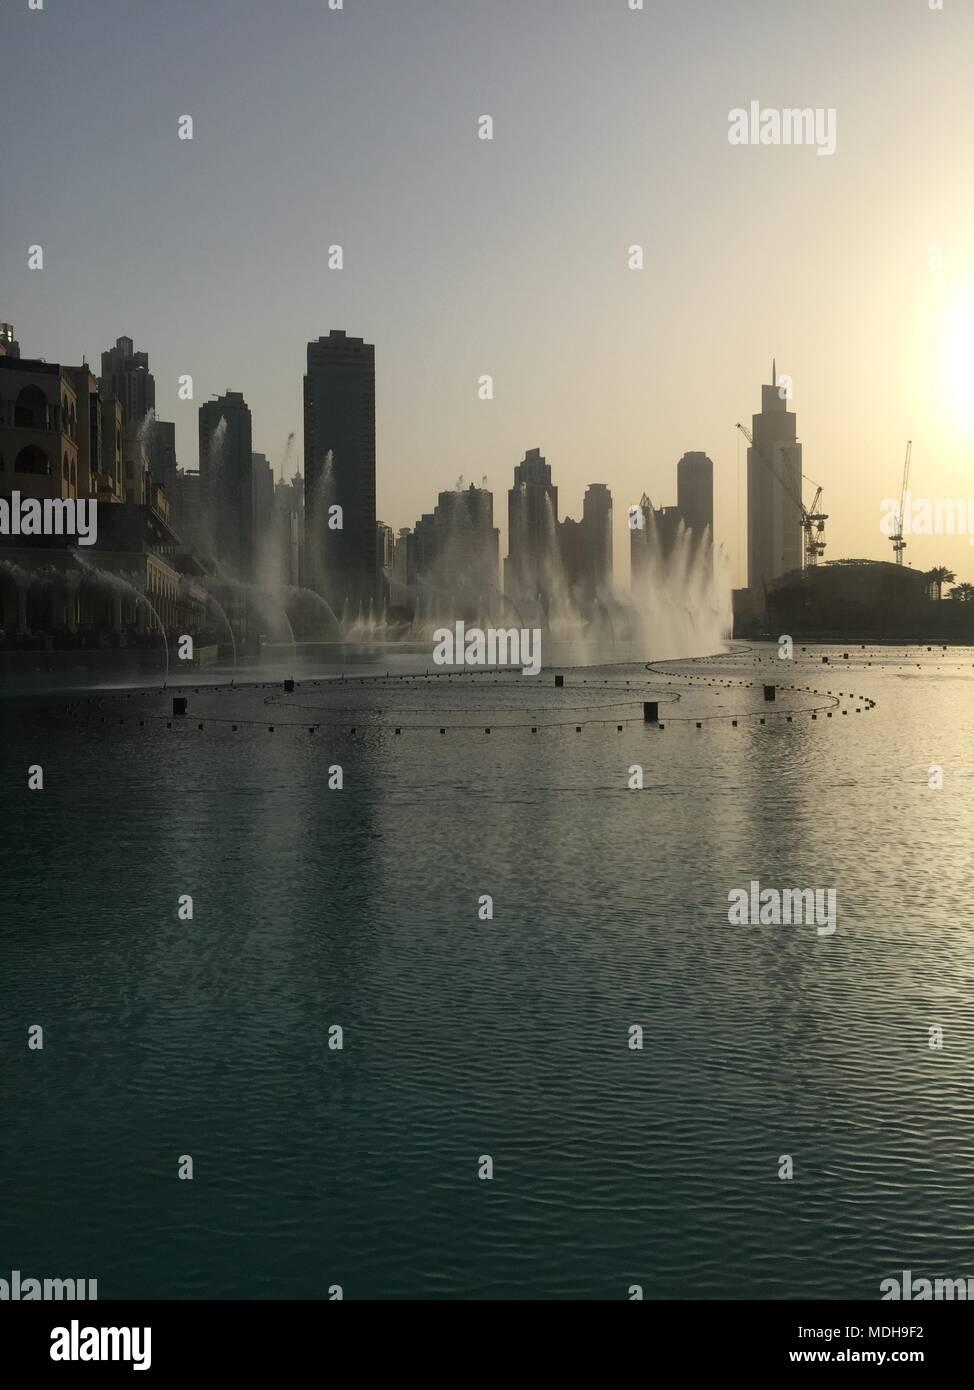 Dubai - Stock Image